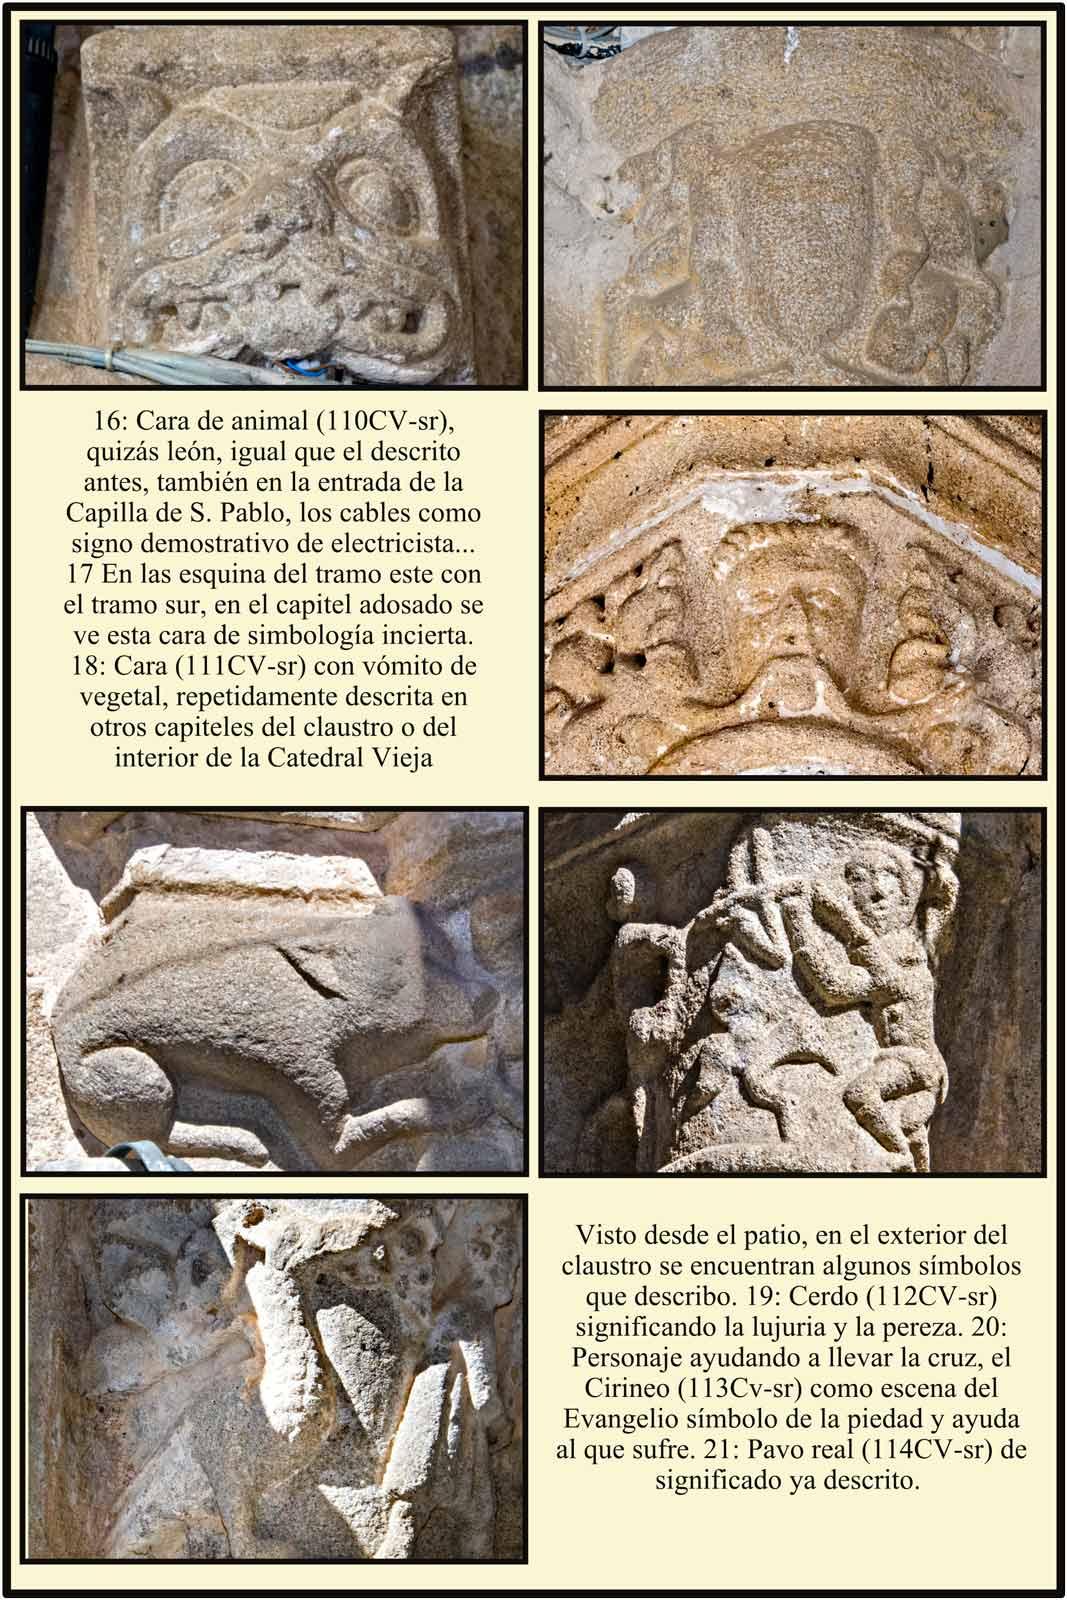 Cerdo como simbolo de la lujuria de la pereza o de algo negativo en el claustro de la Catedral romanica